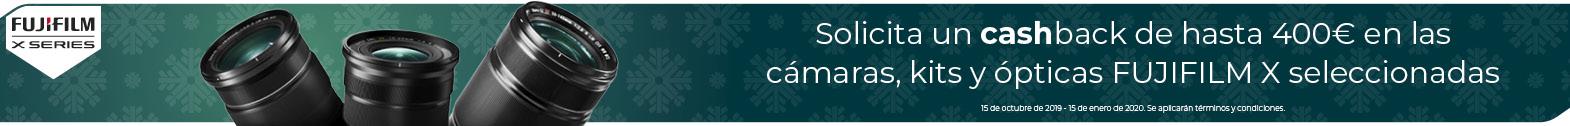 Cashback de hasta 400€ en las cámaras, kits y ópticas FUJIFILM seleccionadas